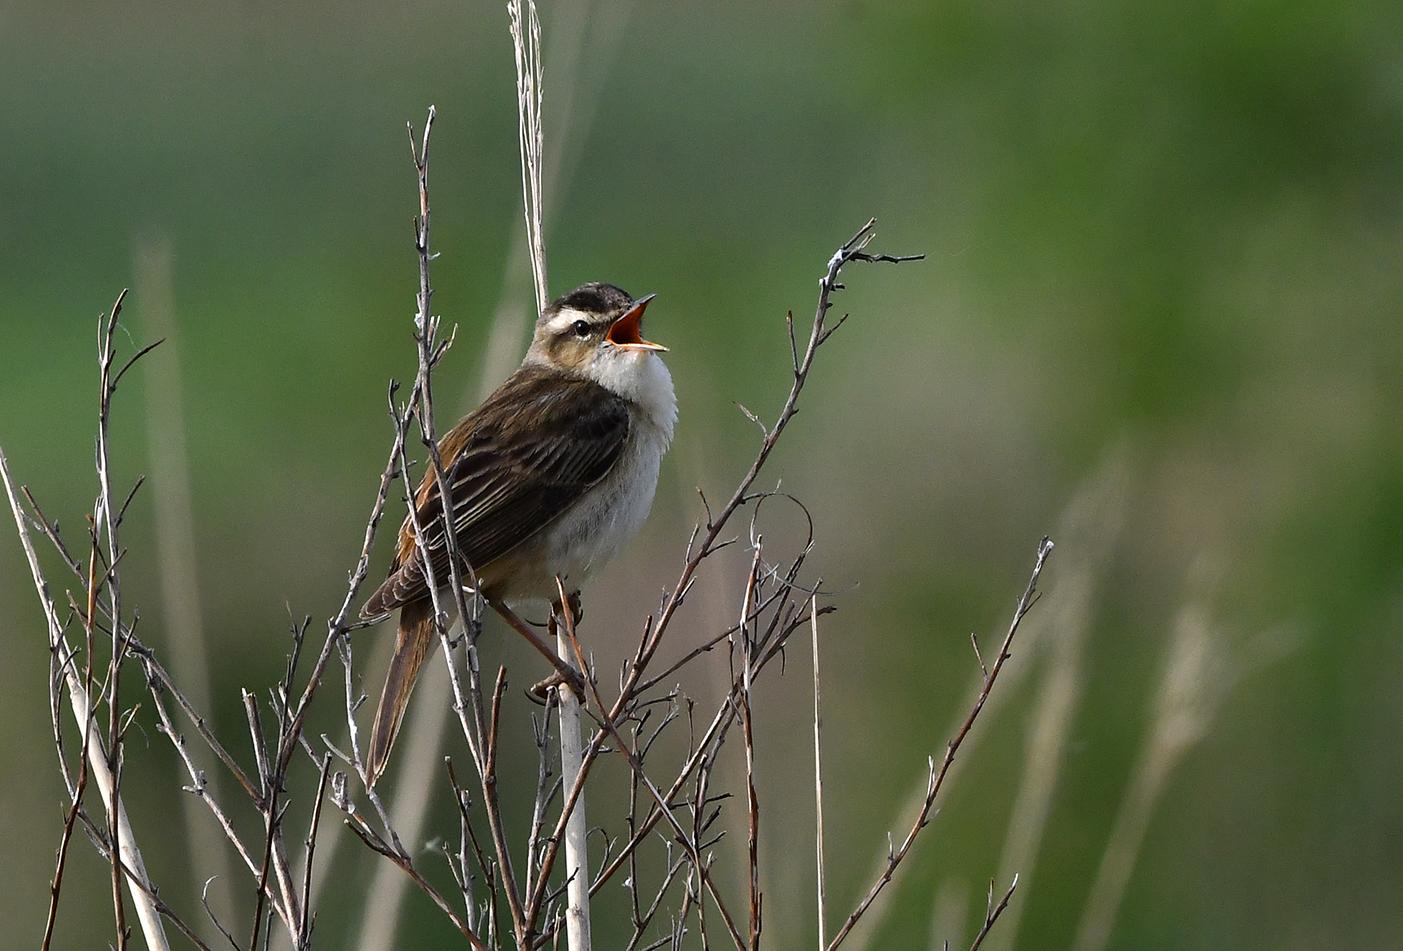 De rietzanger zingt zijn hoogste lied, wat een geweldig volume voor zo'n klein vogeltje - Foto: ©Louis Fraanje